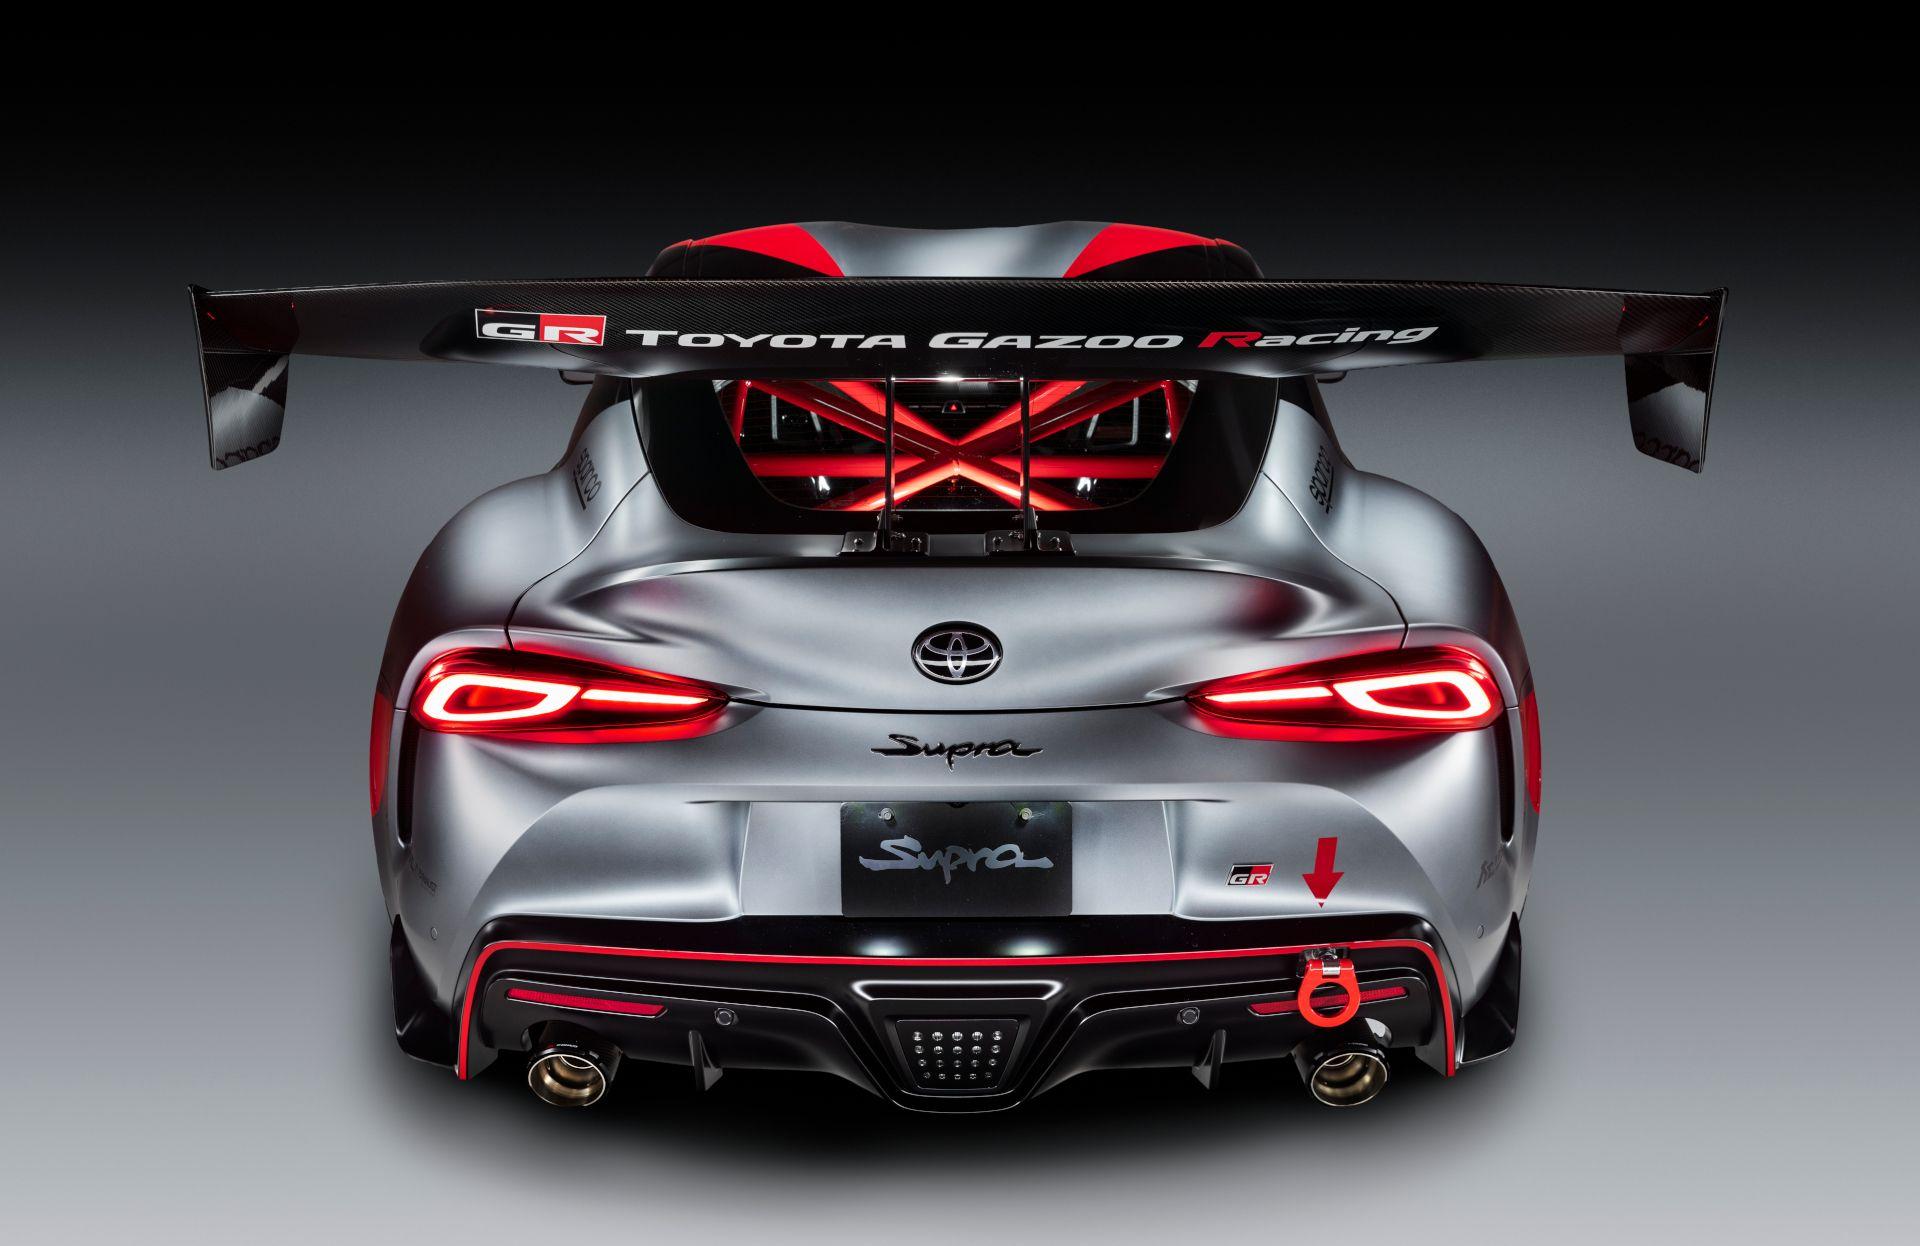 Gr Supra Track Concept In 2020 Toyota Supra Supra Toyota